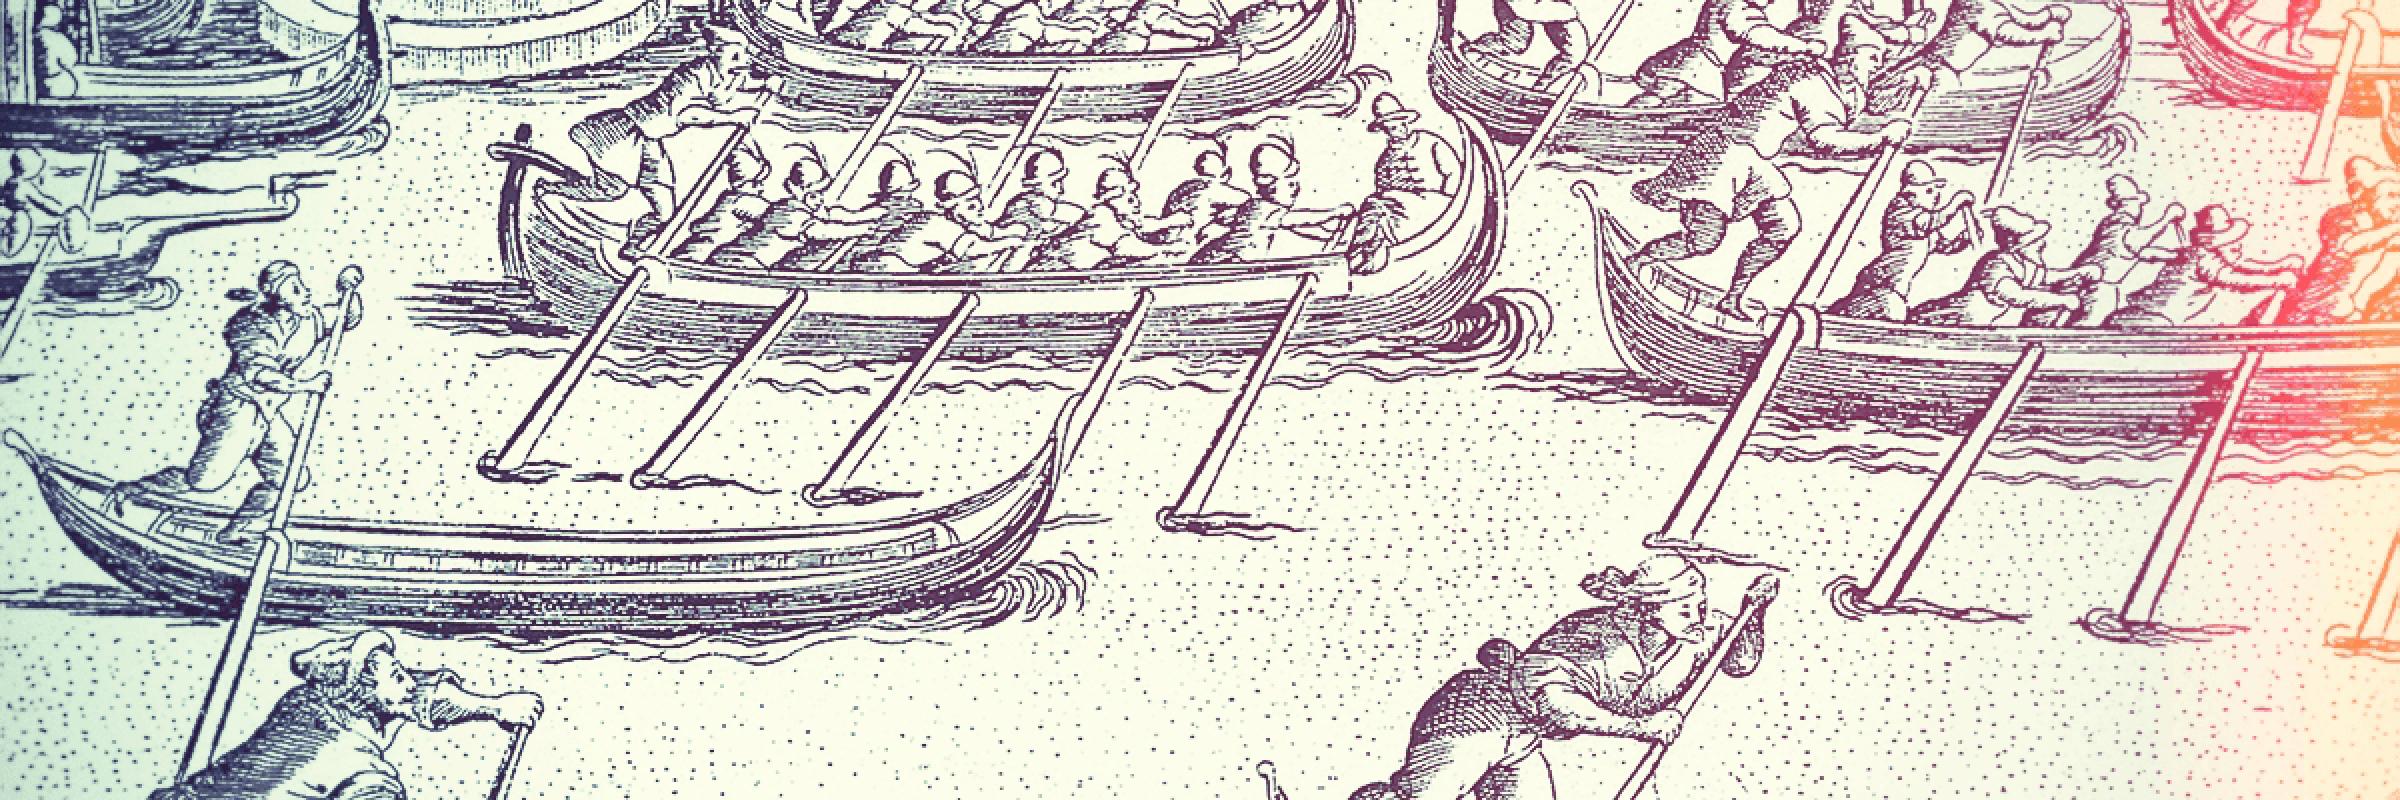 Particolare di incisione che ritrae una regata in Canal Grande.